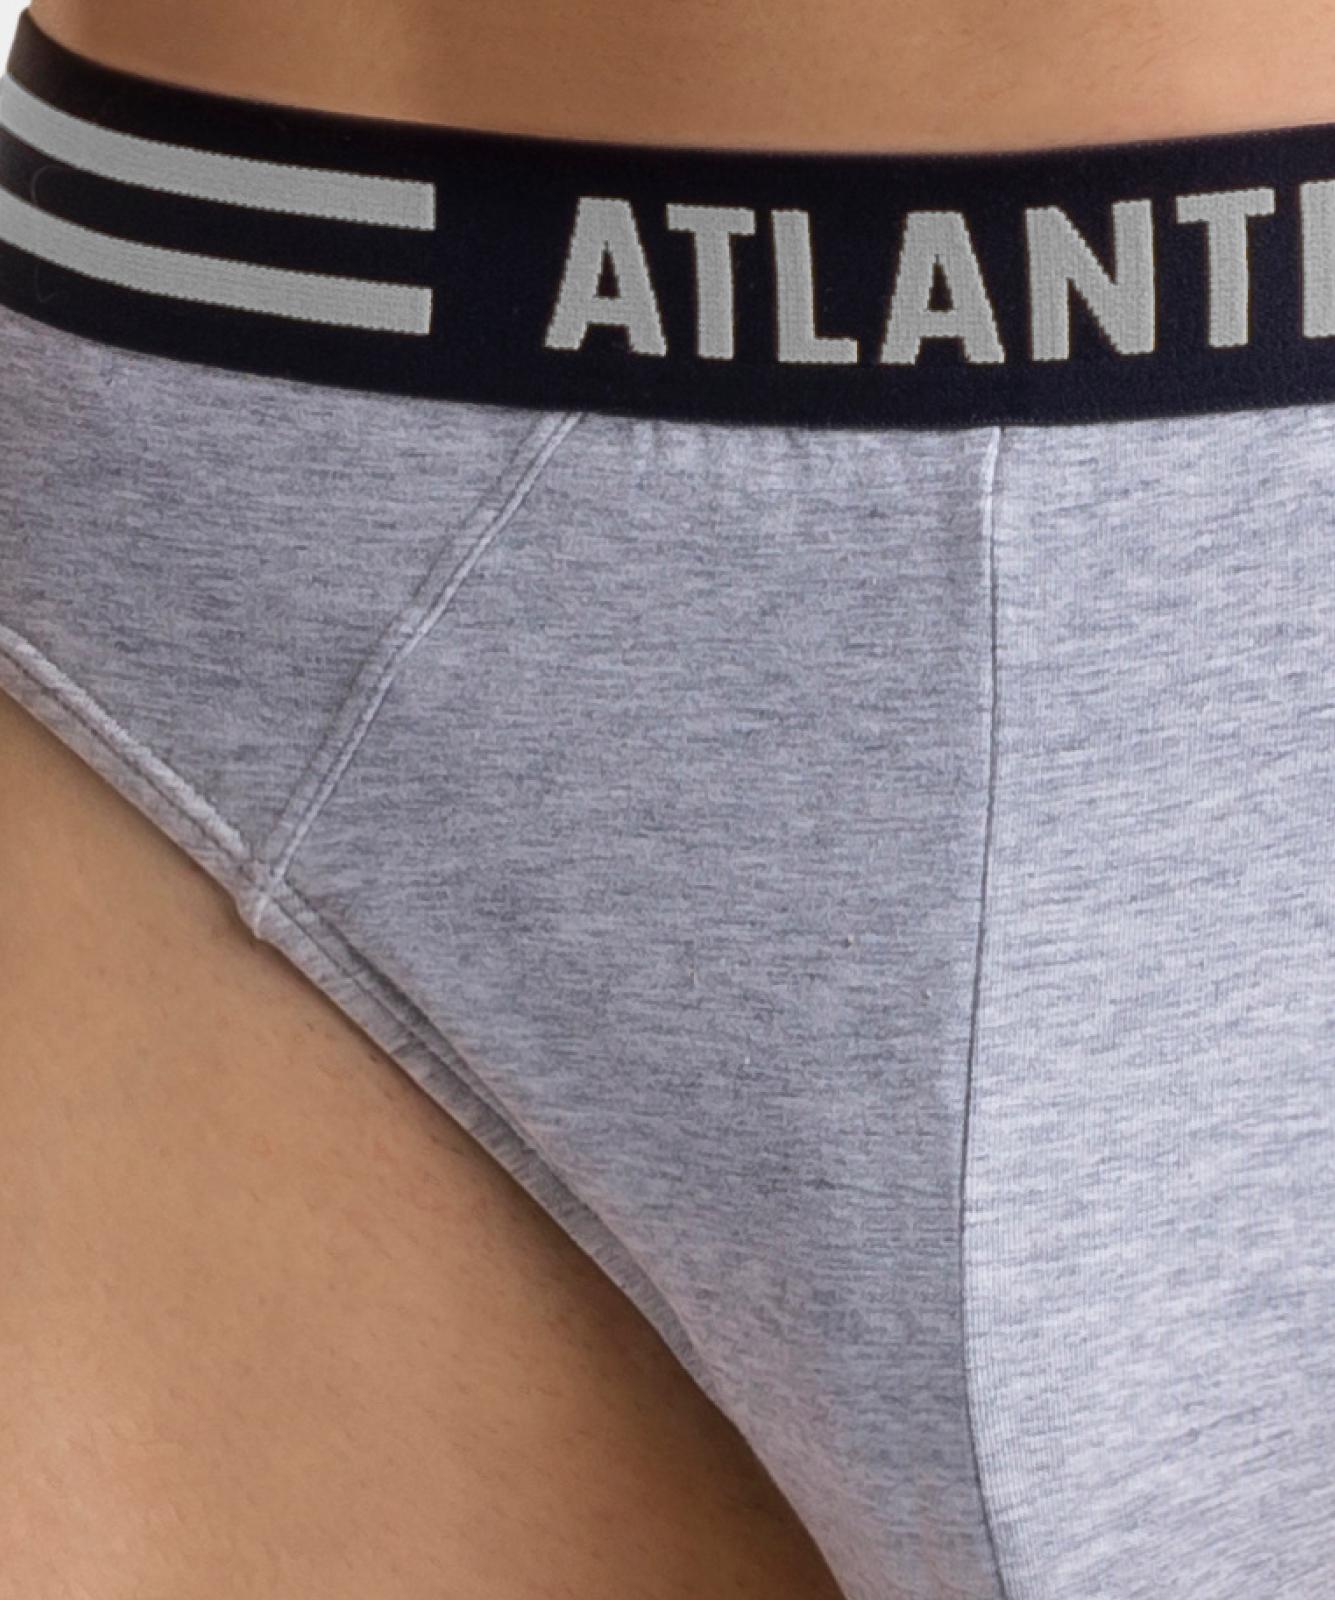 Мужские трусы слипы спорт Atlantic, набор 3 шт., хлопок, голубые + серый меланж + темно-синие, 3MP-098